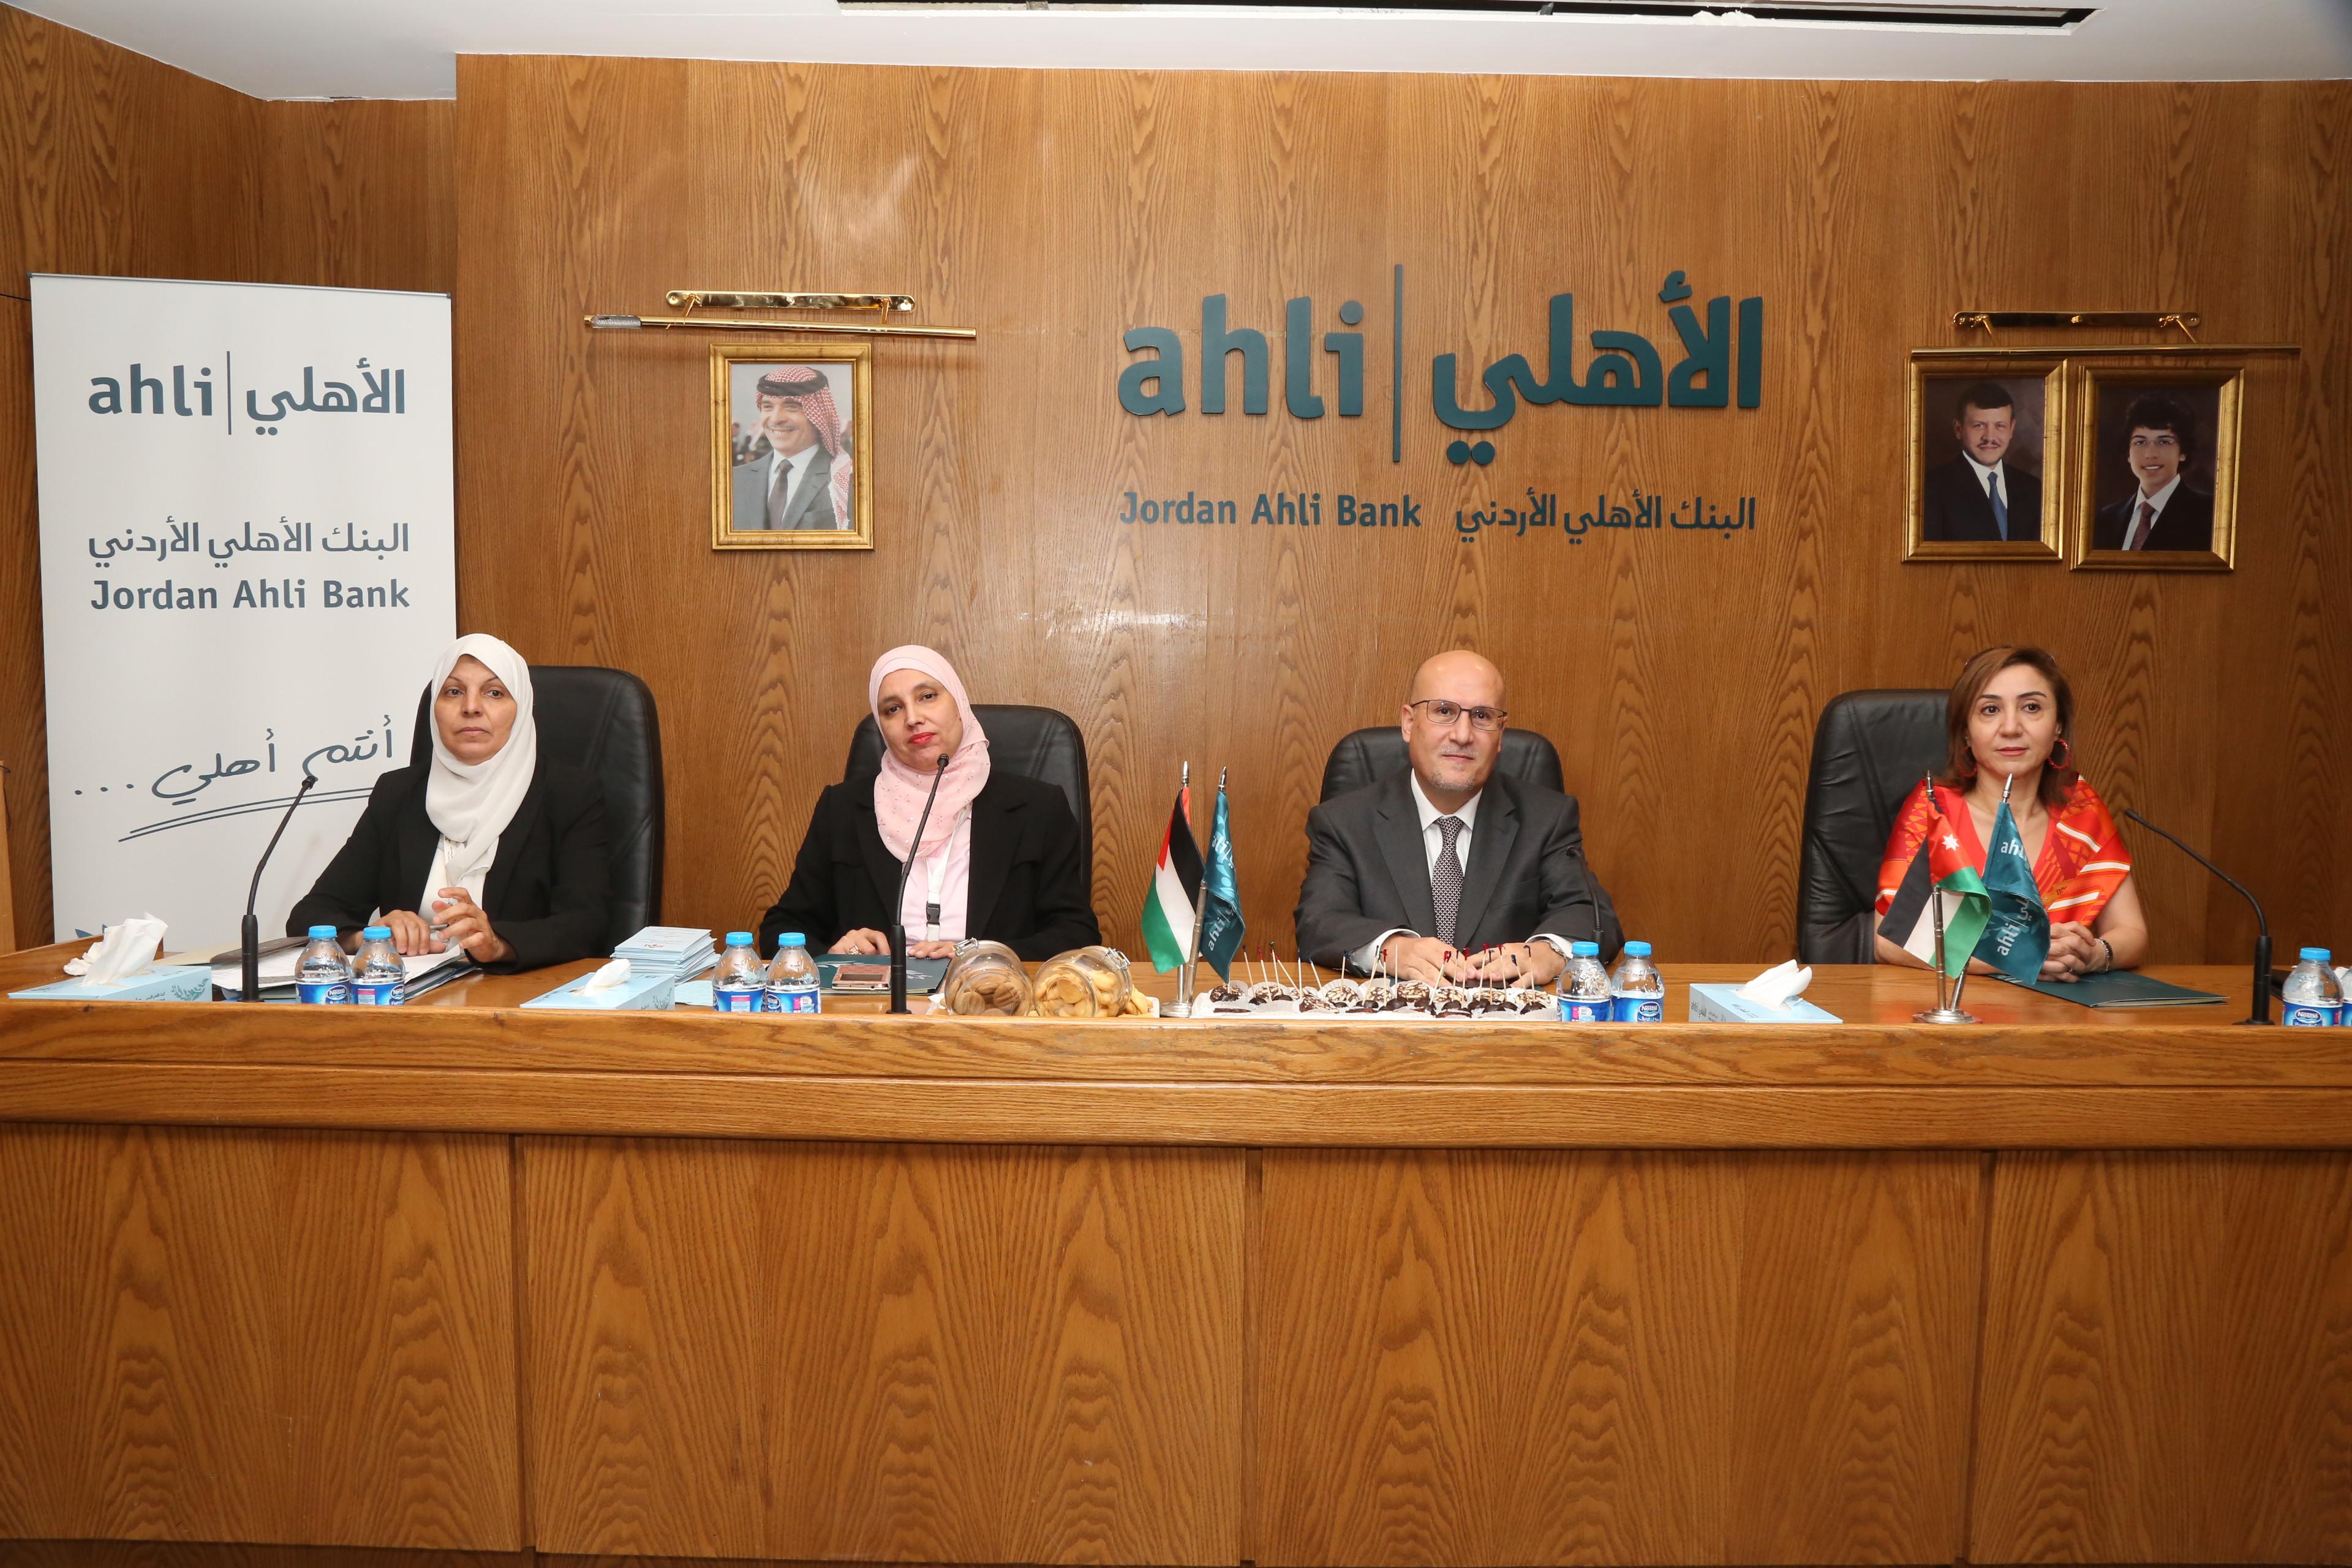 """البنك الأهلي الأردني ينظم ورشة عمل حول أدواته وخدماته للدفع الإلكتروني عبر نظام """"إي فواتيركم"""""""